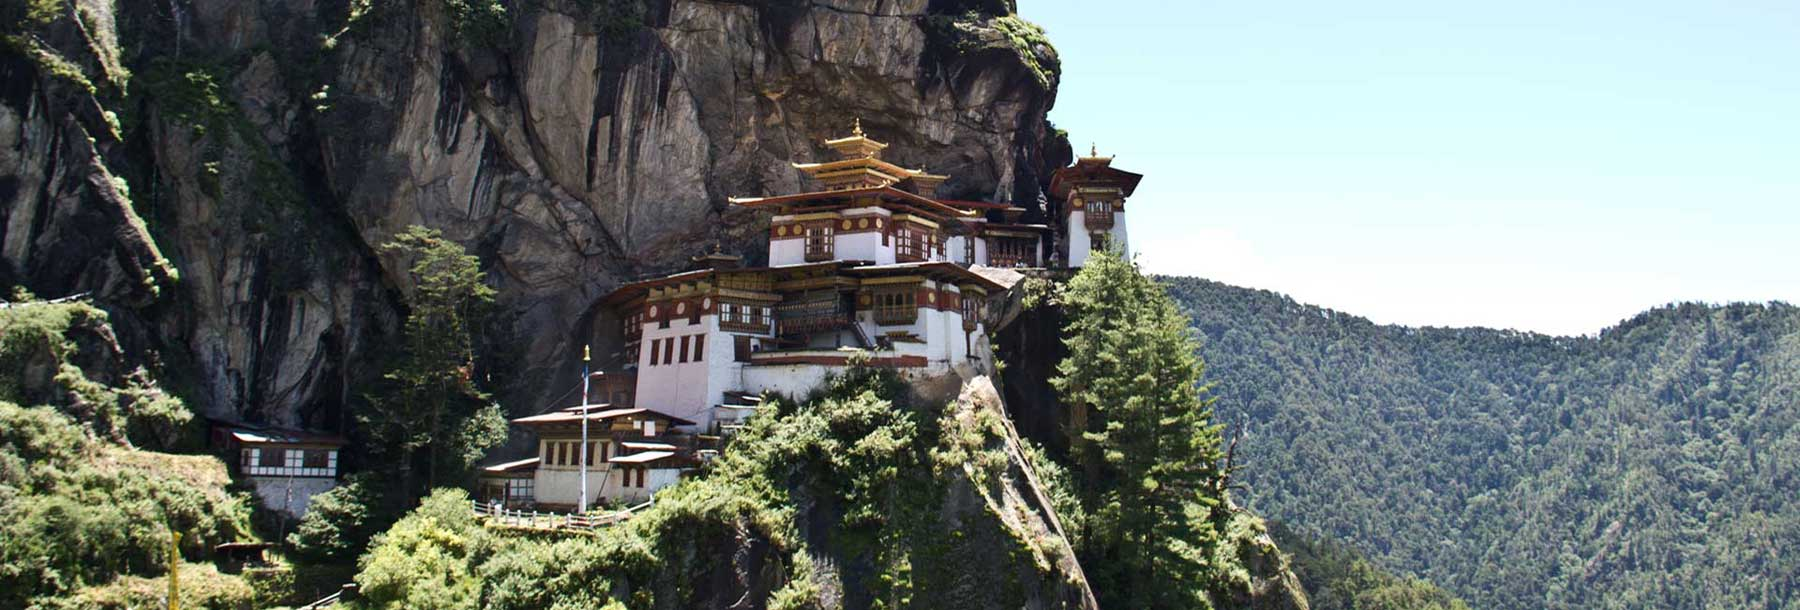 Paro Taktsang or Tiger's Nest, Bhutan.